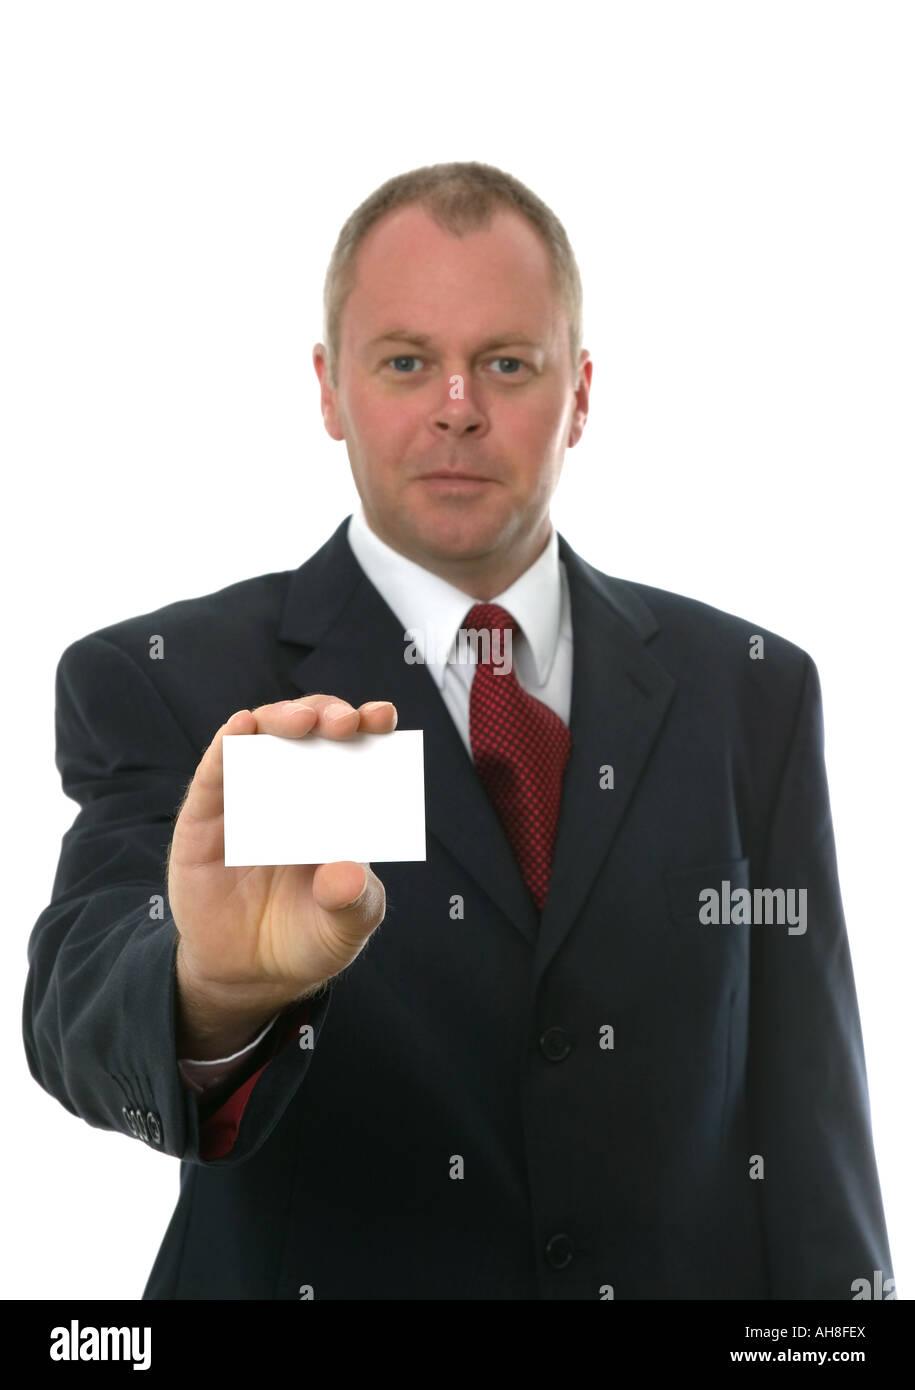 Geschäftsmann präsentiert seine Karte auf Sie konzentrieren sich auf leere Karte isoliert auf weiß Stockbild